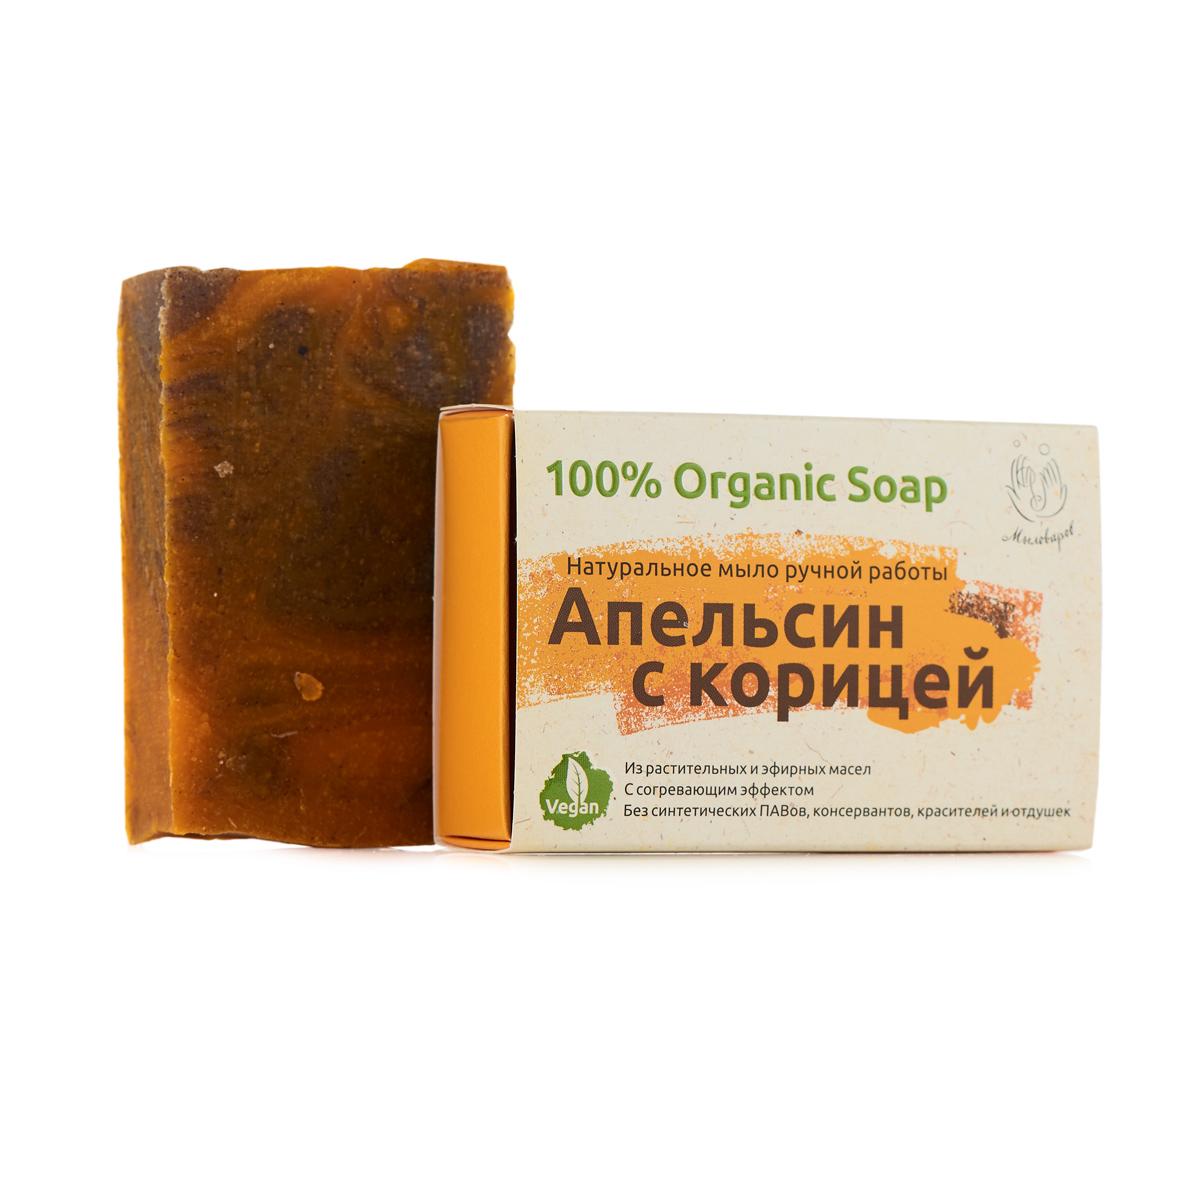 Мыловаров Натуральное мыло Апельсин с корицей 2 х 80гр.MYL-УТ000002127Прикоснитесь к этому удивительно нежному натуральному мылу, и курортное настроение закружит голову ощущением бесконечного праздника. Уникальный комплекс натуральных масел сделает вашу кожу волнительно упругой и гладкой, а знойный аромат спелого апельсина и бодрящей корицы превратят купание в истинное наслаждение. Это 100% натуральный продукт, не содержит искусственных ПАВов, отдушек, красителей и консервантов.